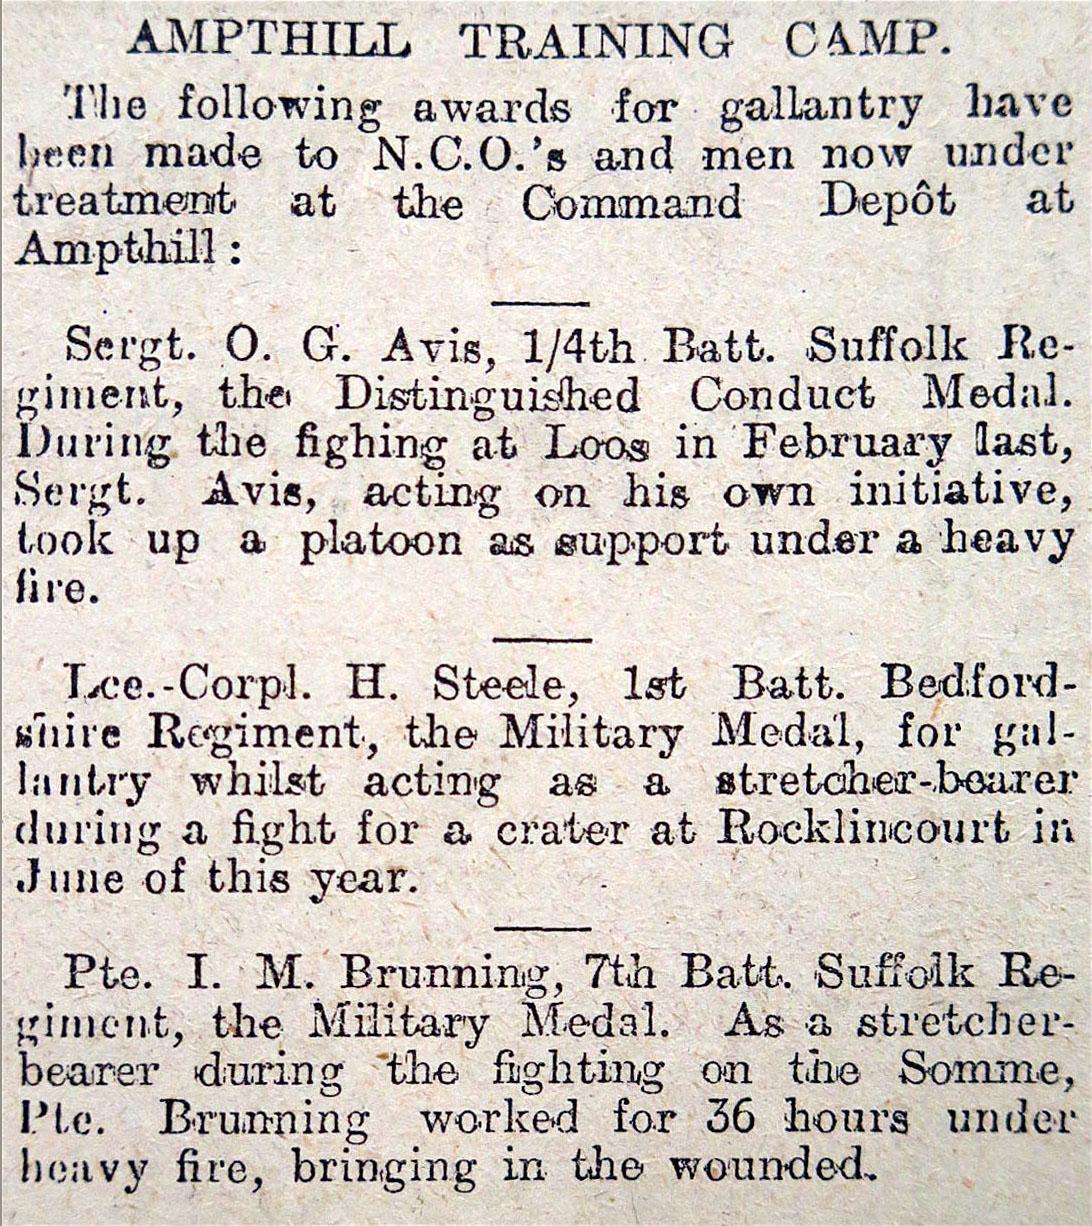 1916-12-22-bs-acd-awards